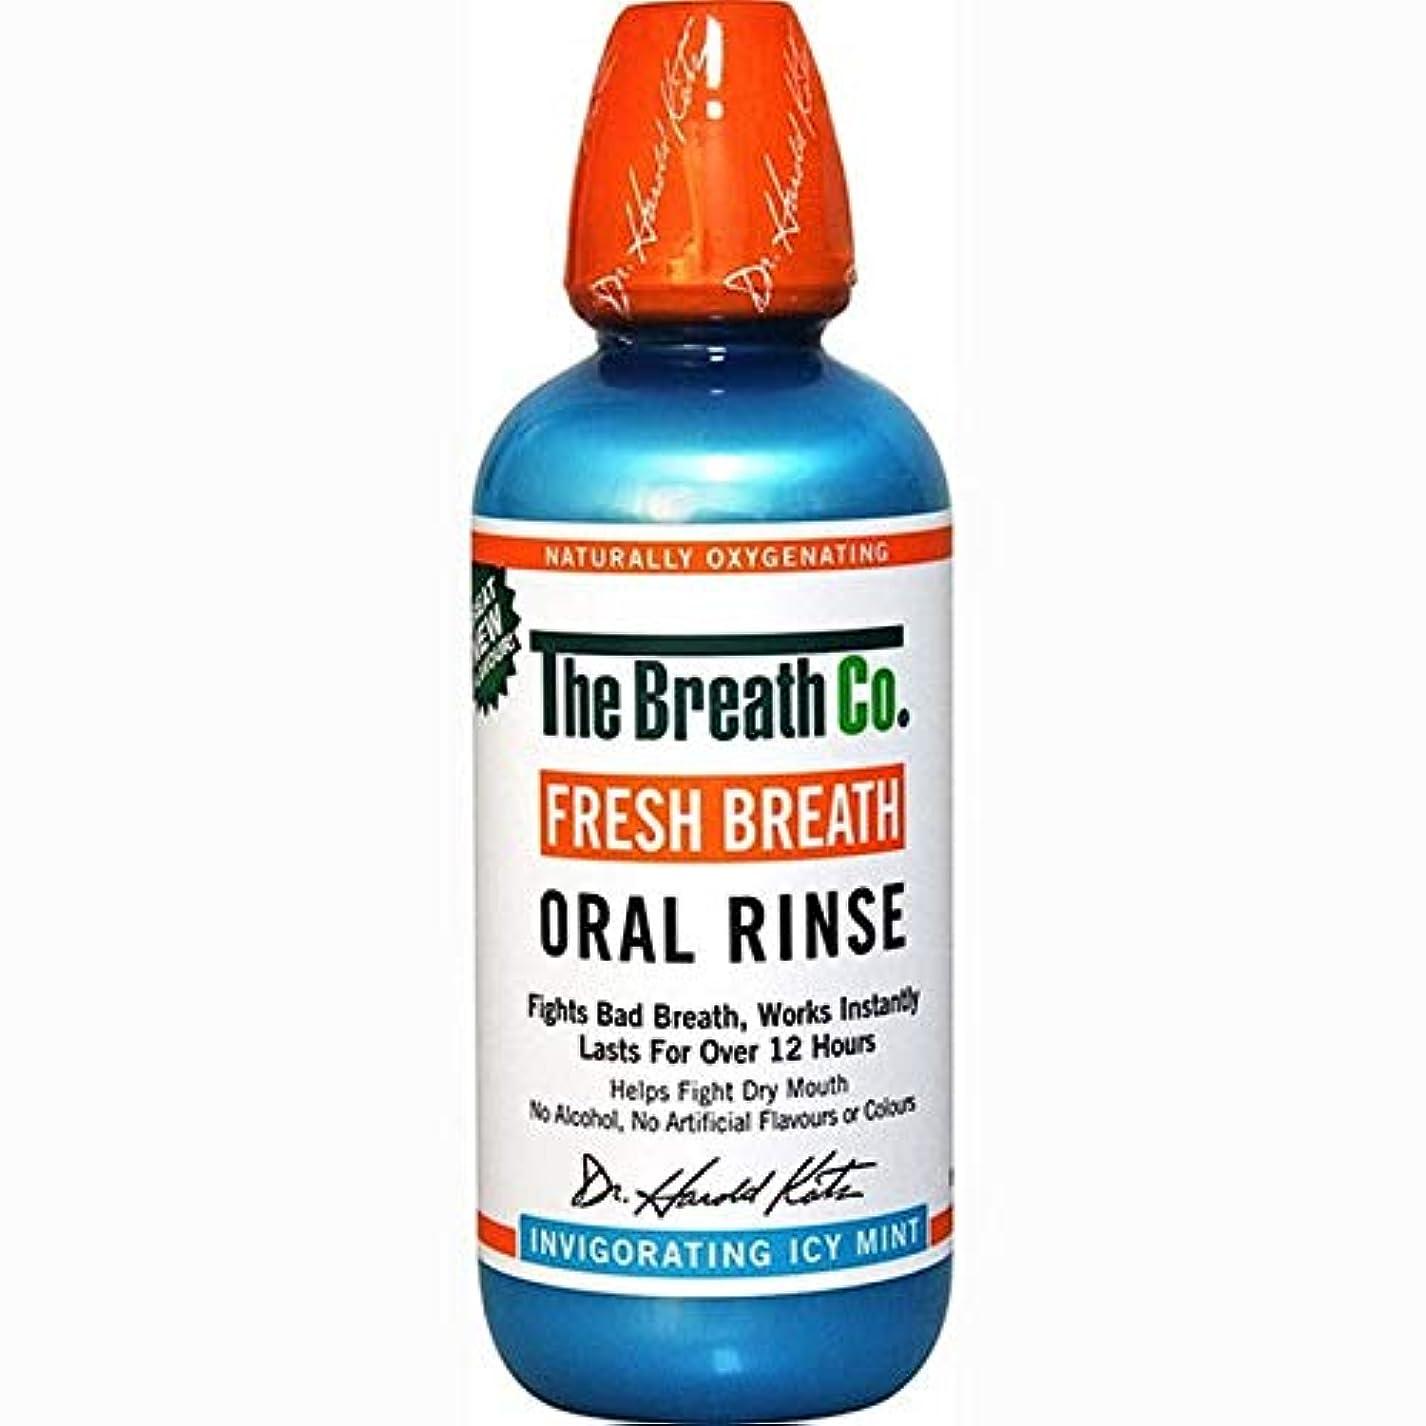 疫病プリーツエジプト人[The Breath Co] 息のCo新鮮な息口腔リンス氷のミント500ミリリットル - The Breath Co Fresh Breath Oral Rinse Icy Mint 500ml [並行輸入品]